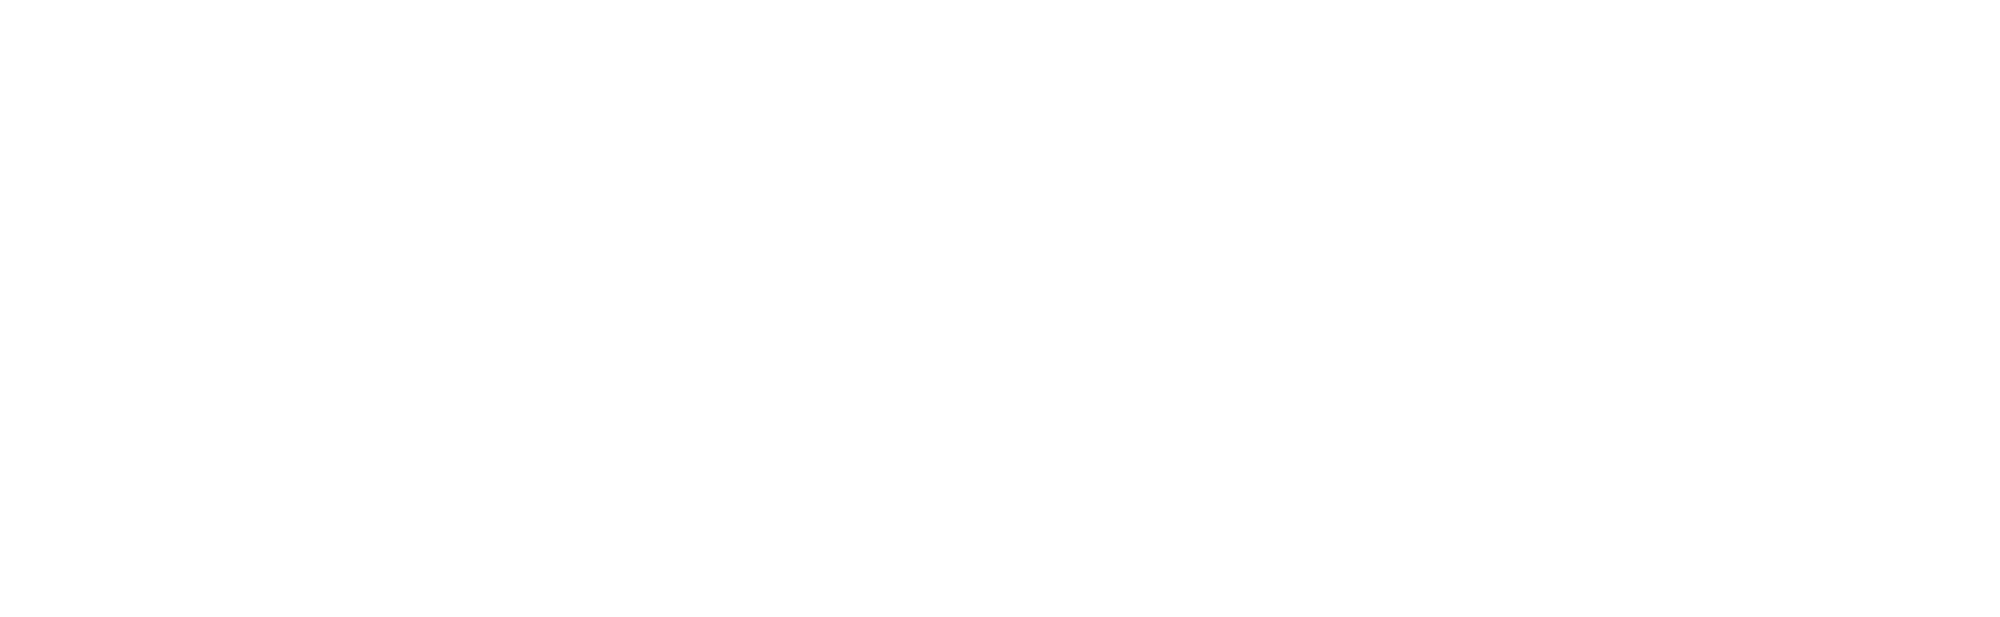 Arup_logo_white